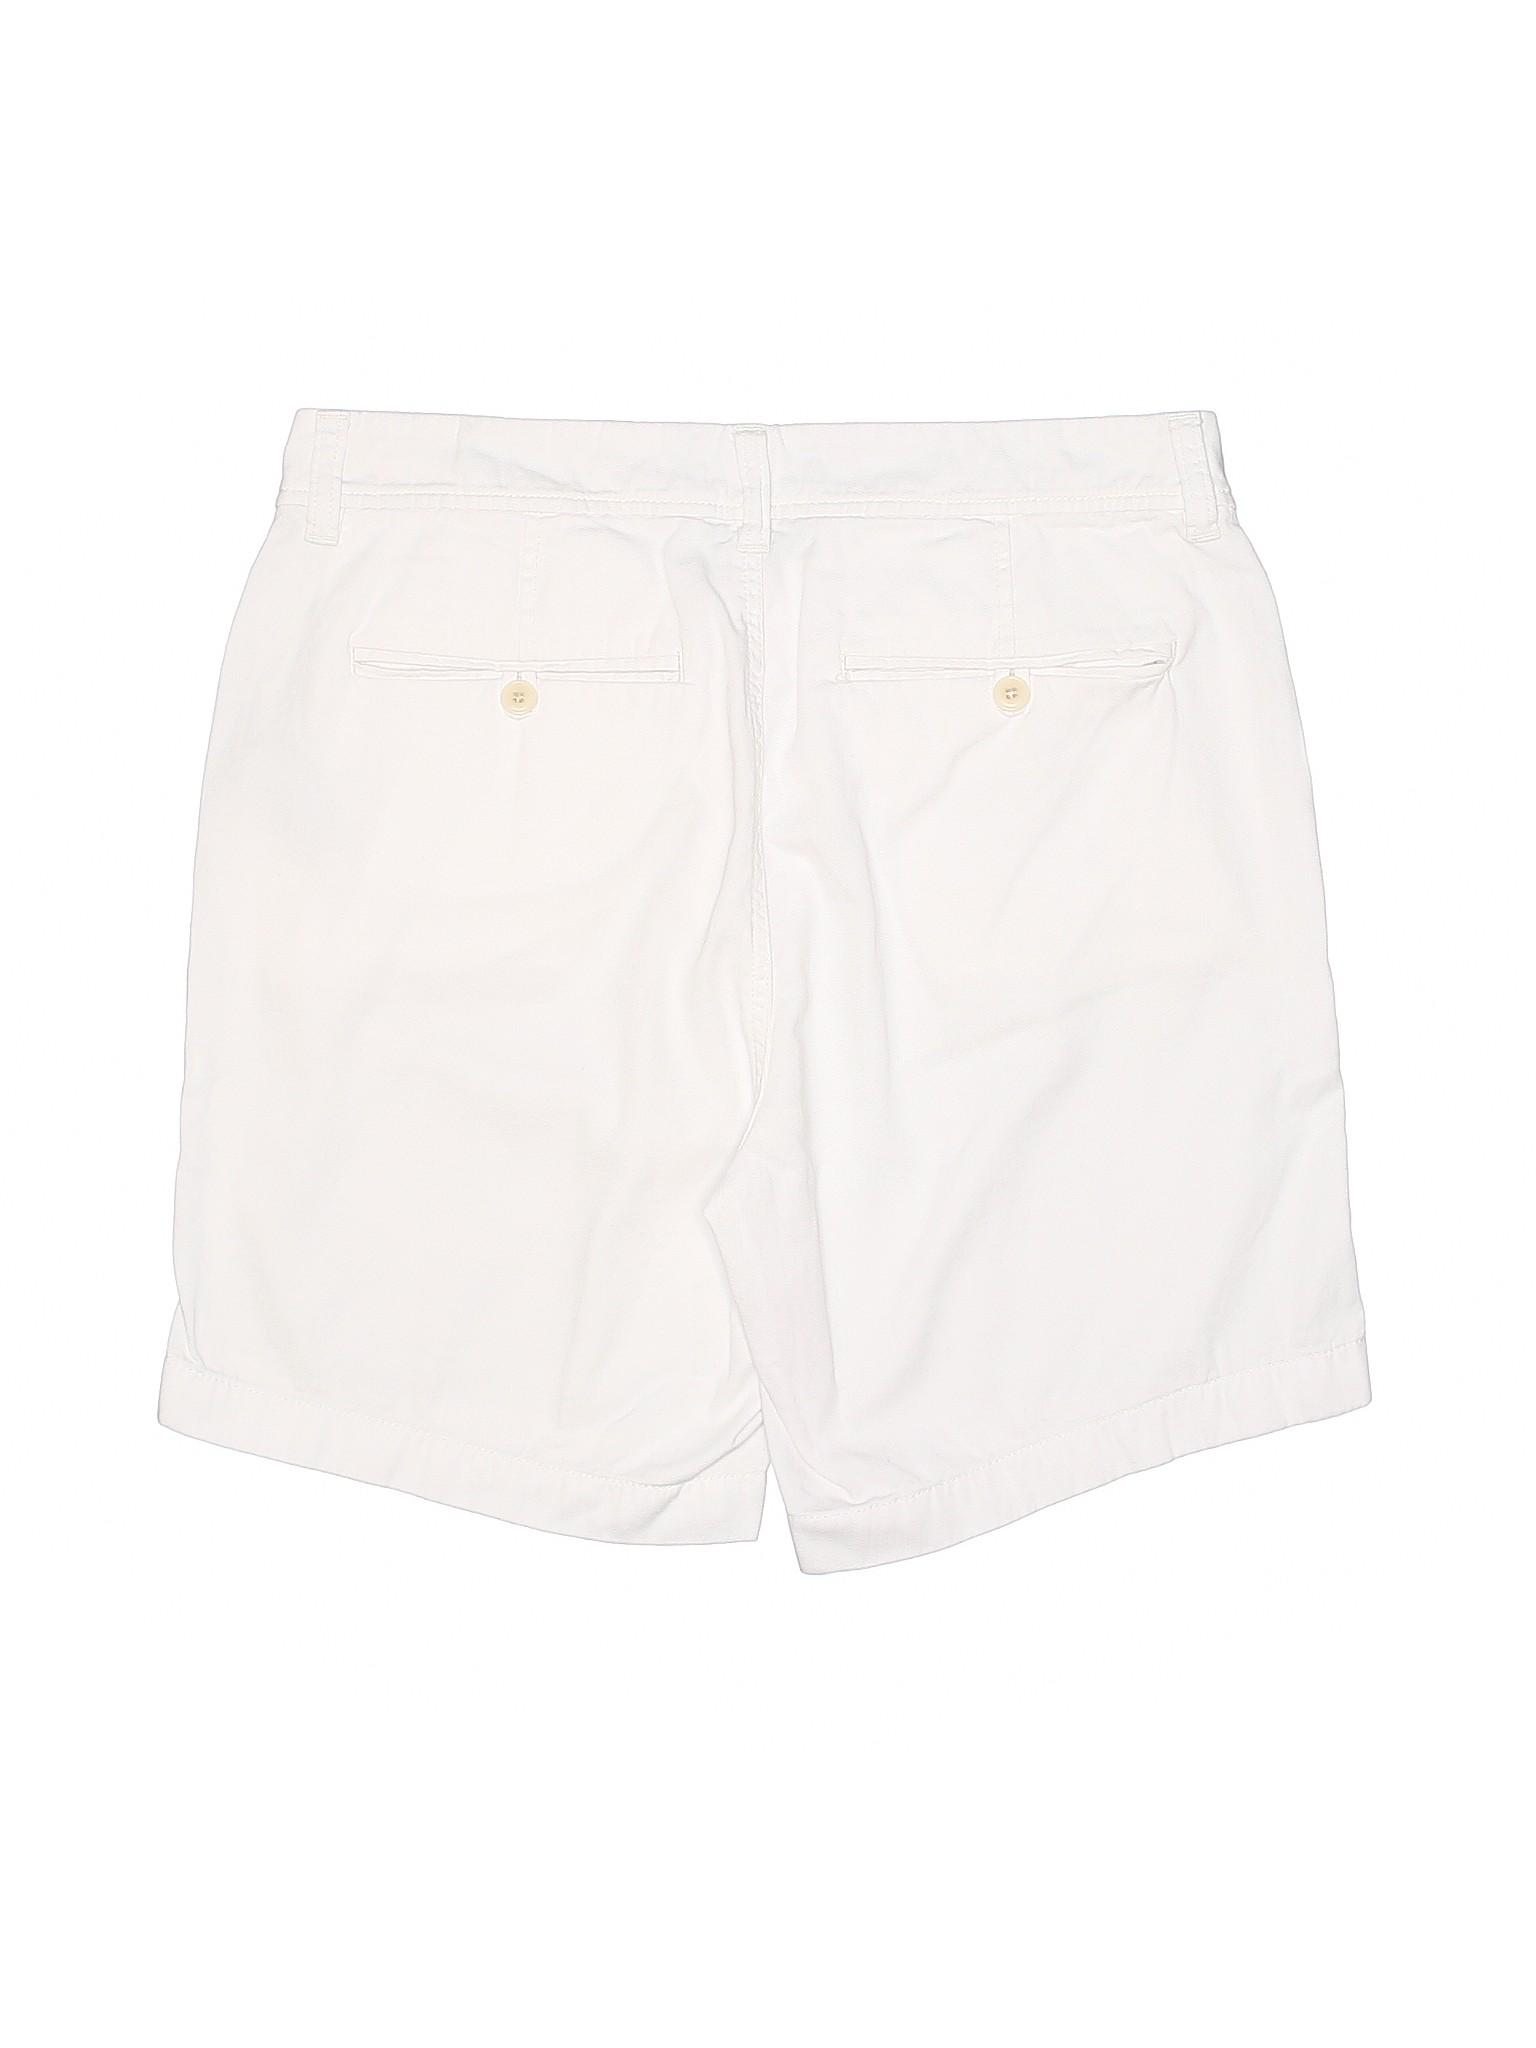 Shorts J winter Crew Boutique Khaki 5vHwIZq